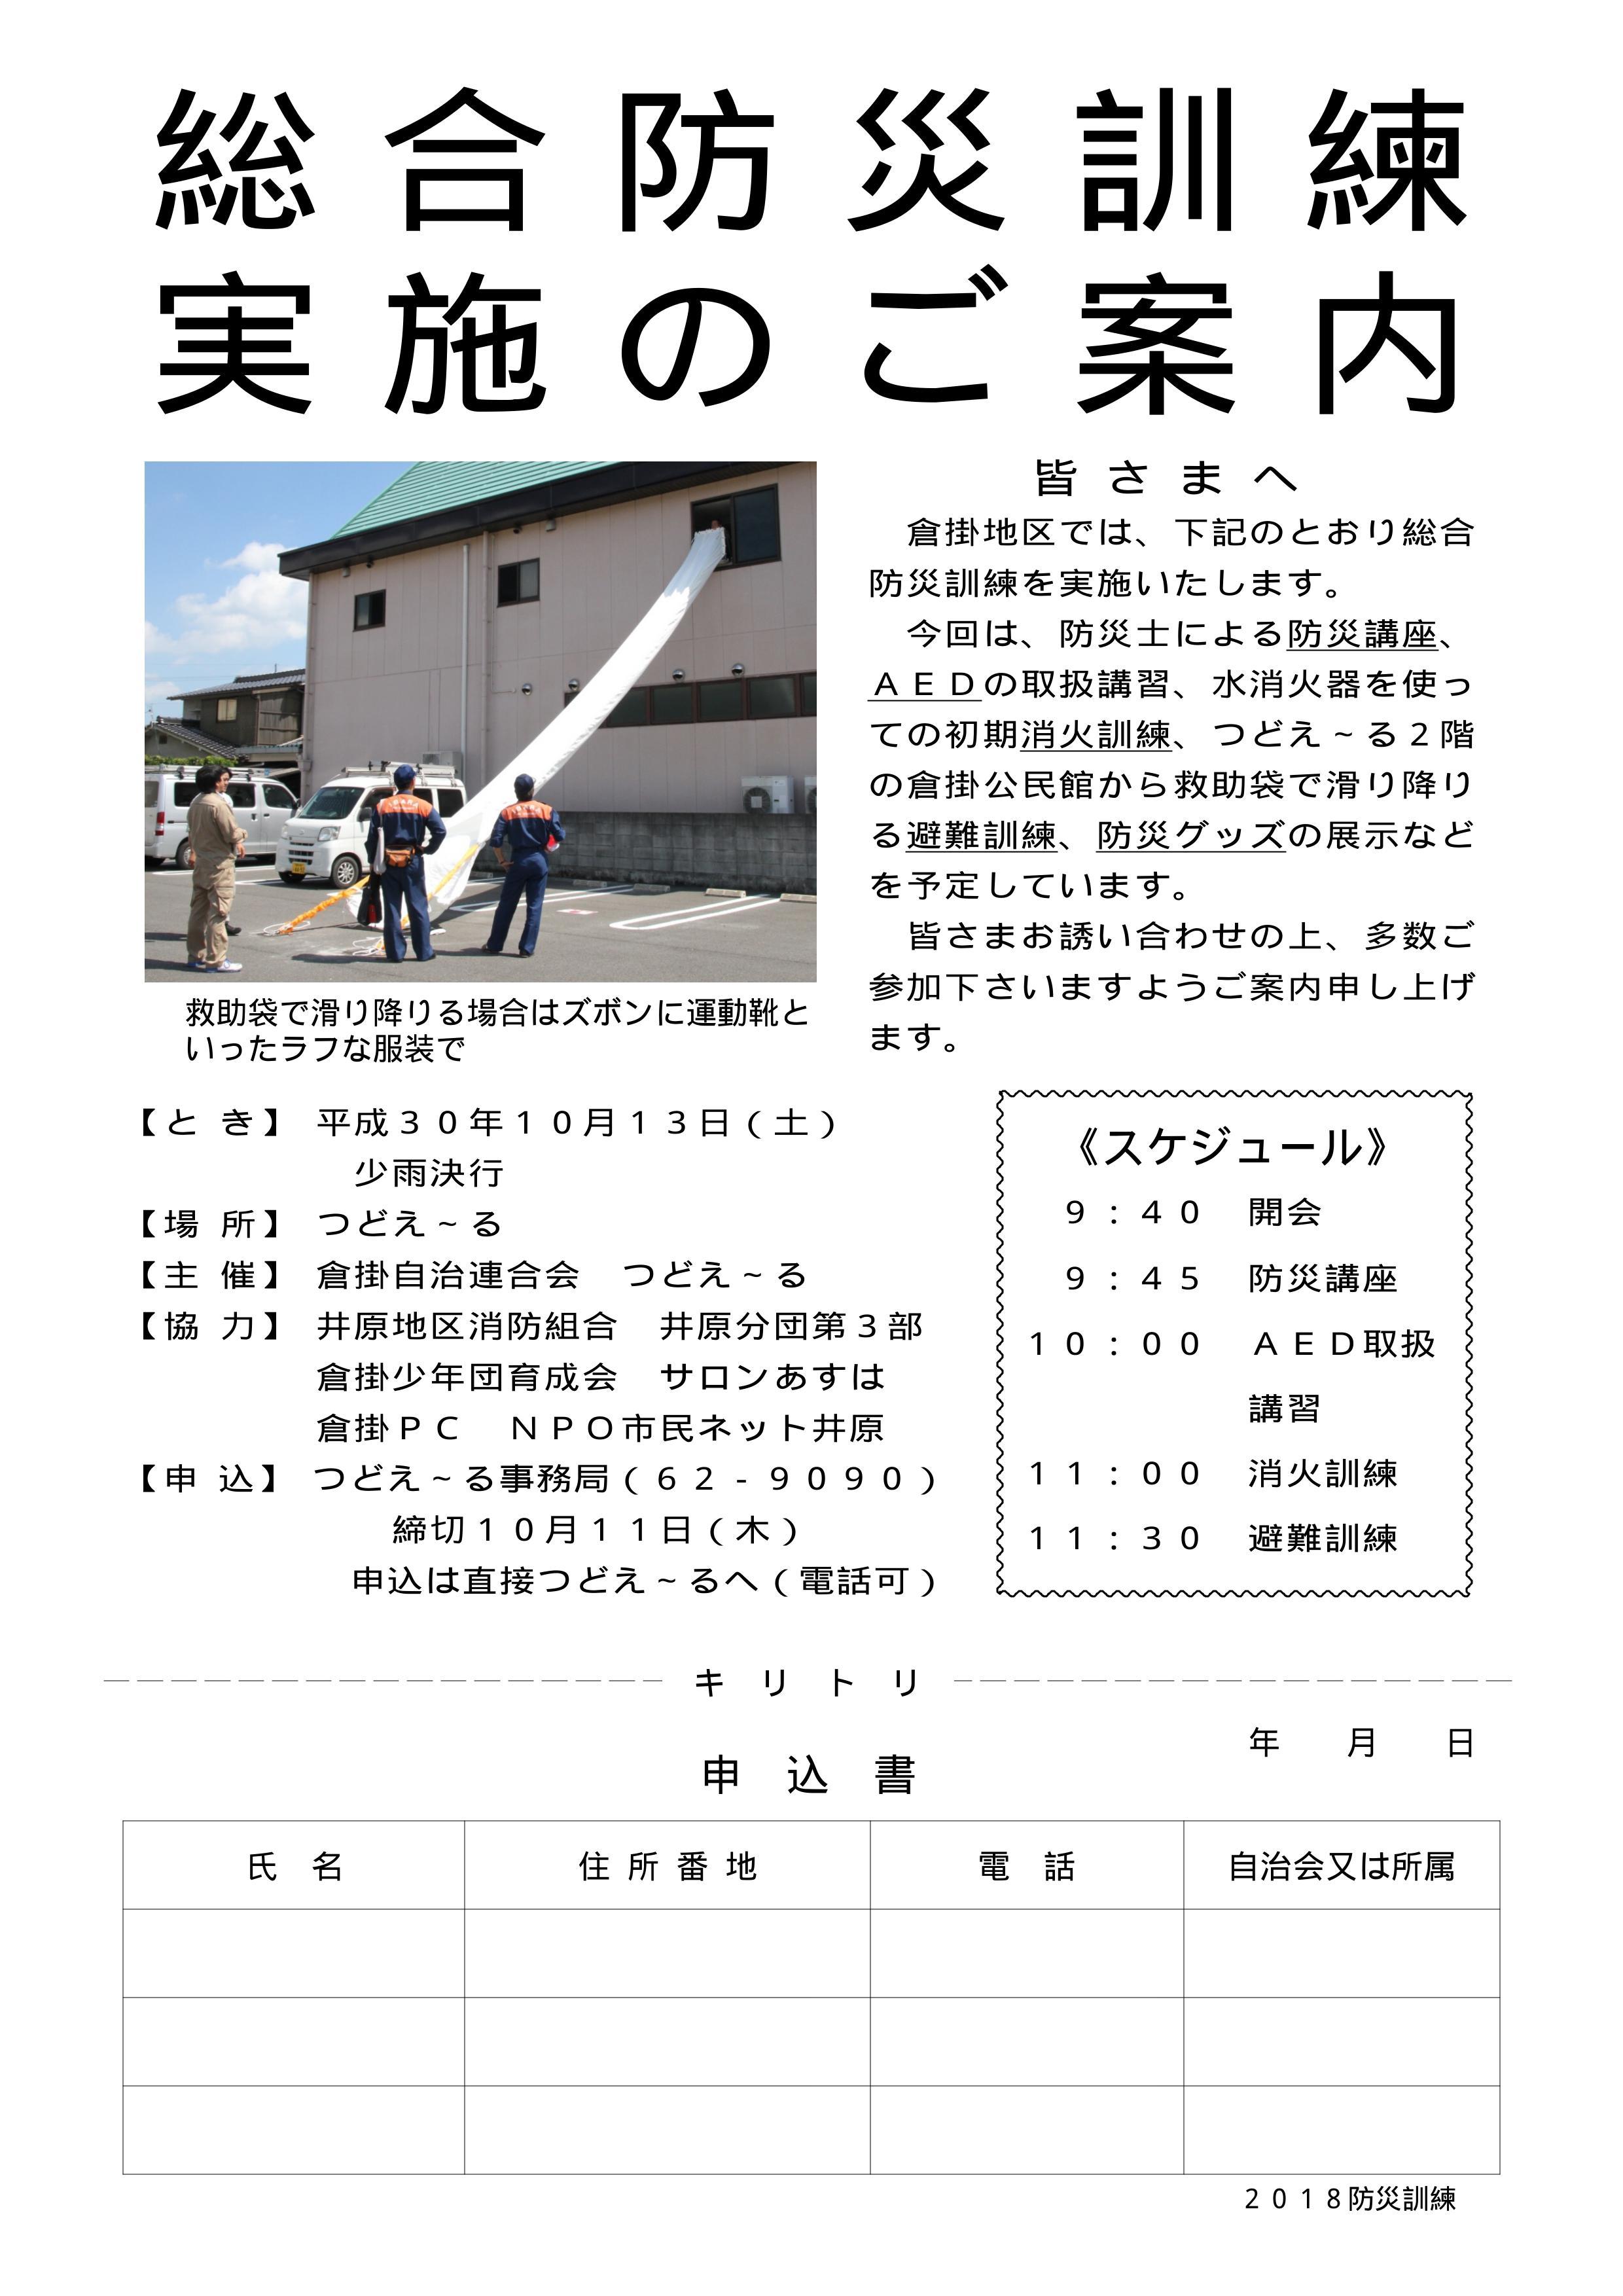 【井原】10月開催のイベント(4件)のお知らせ